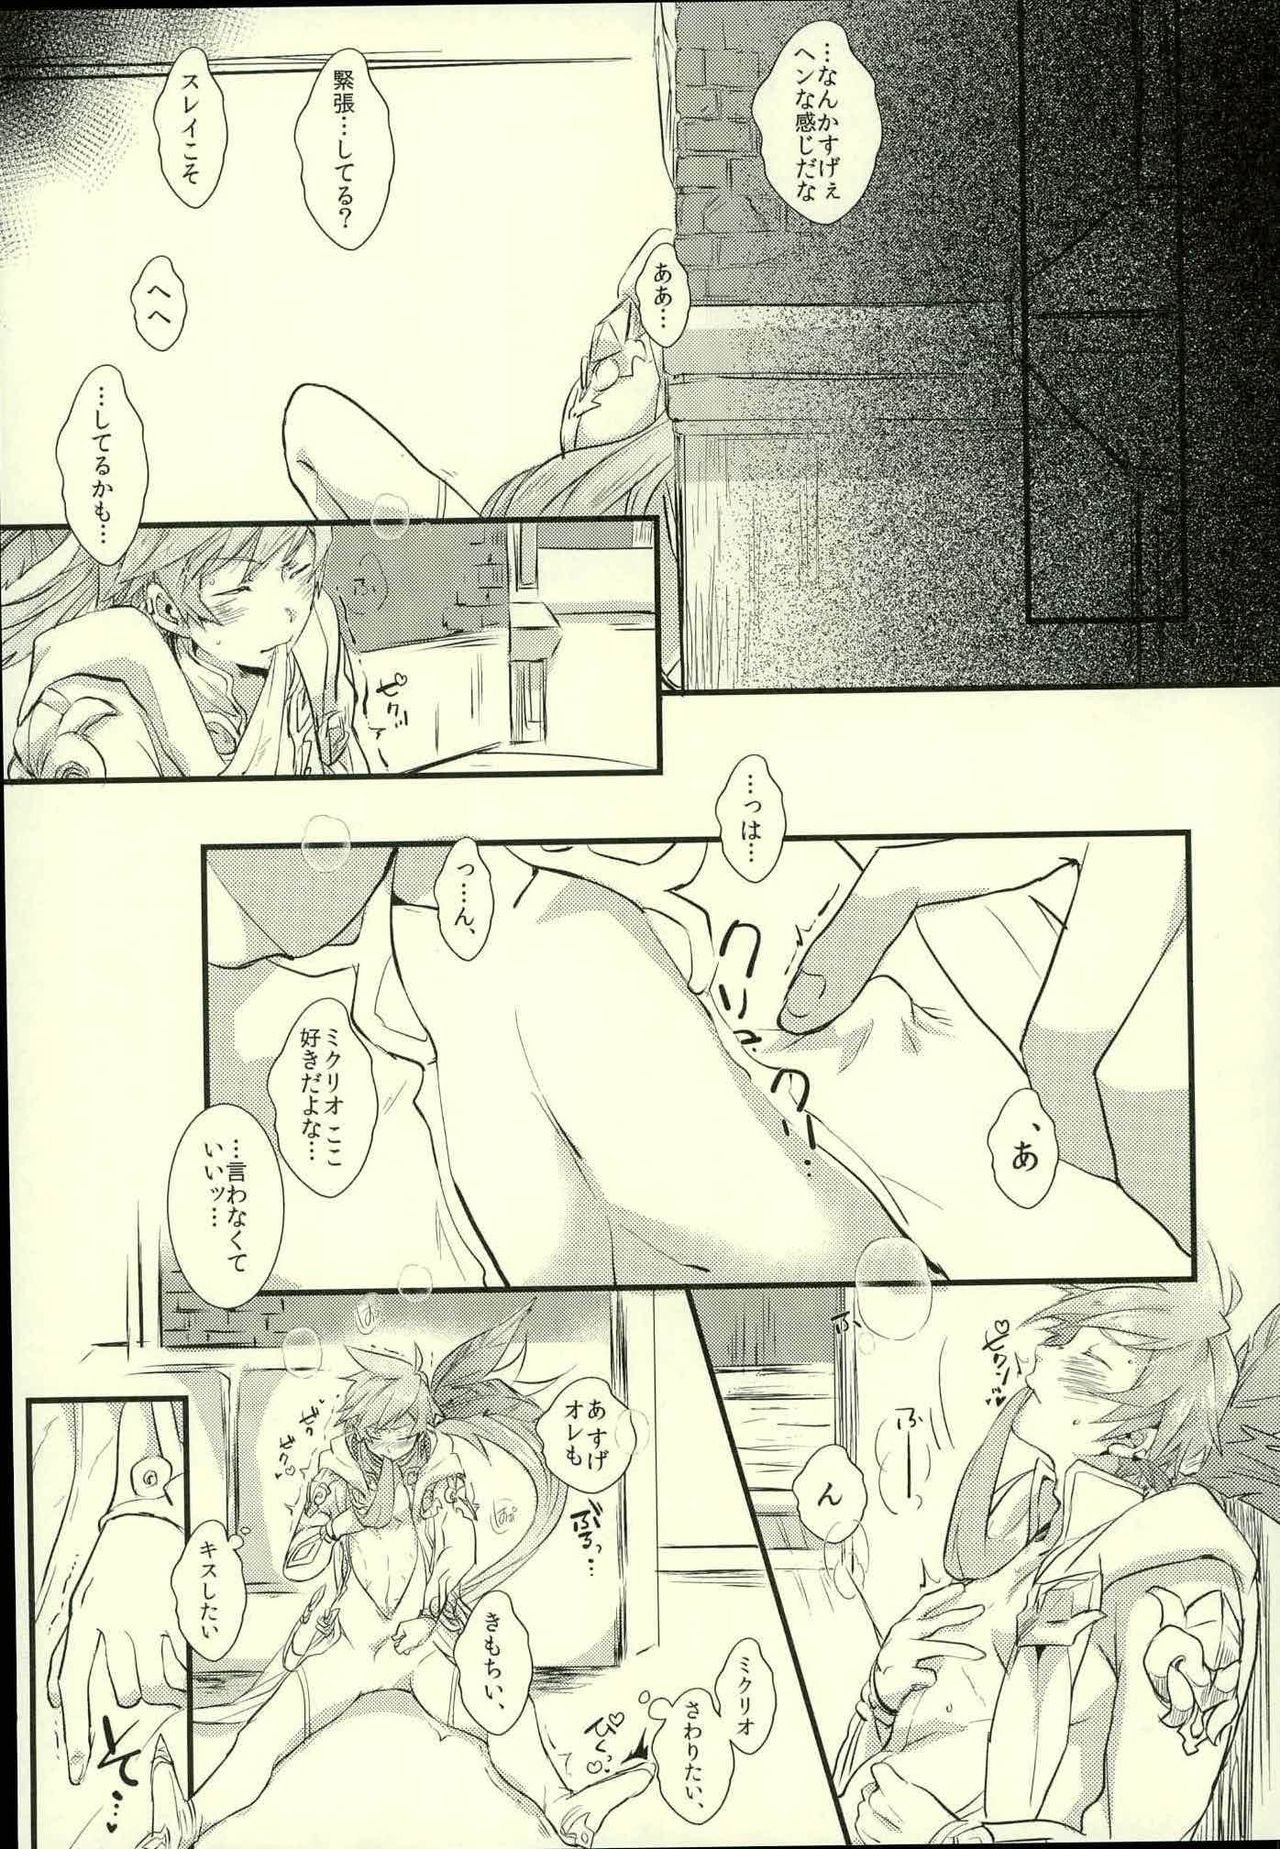 【BL同人誌】神衣脱げなくなったスレイ、疲れる為にミクリオとオナニーしたたはいいけれど・・・憑魔に目をつけられた二人は、一緒にそのまま憑魔の触手に犯されまくっちゃうwwww【テイルズ オブ ゼスティリア】 006